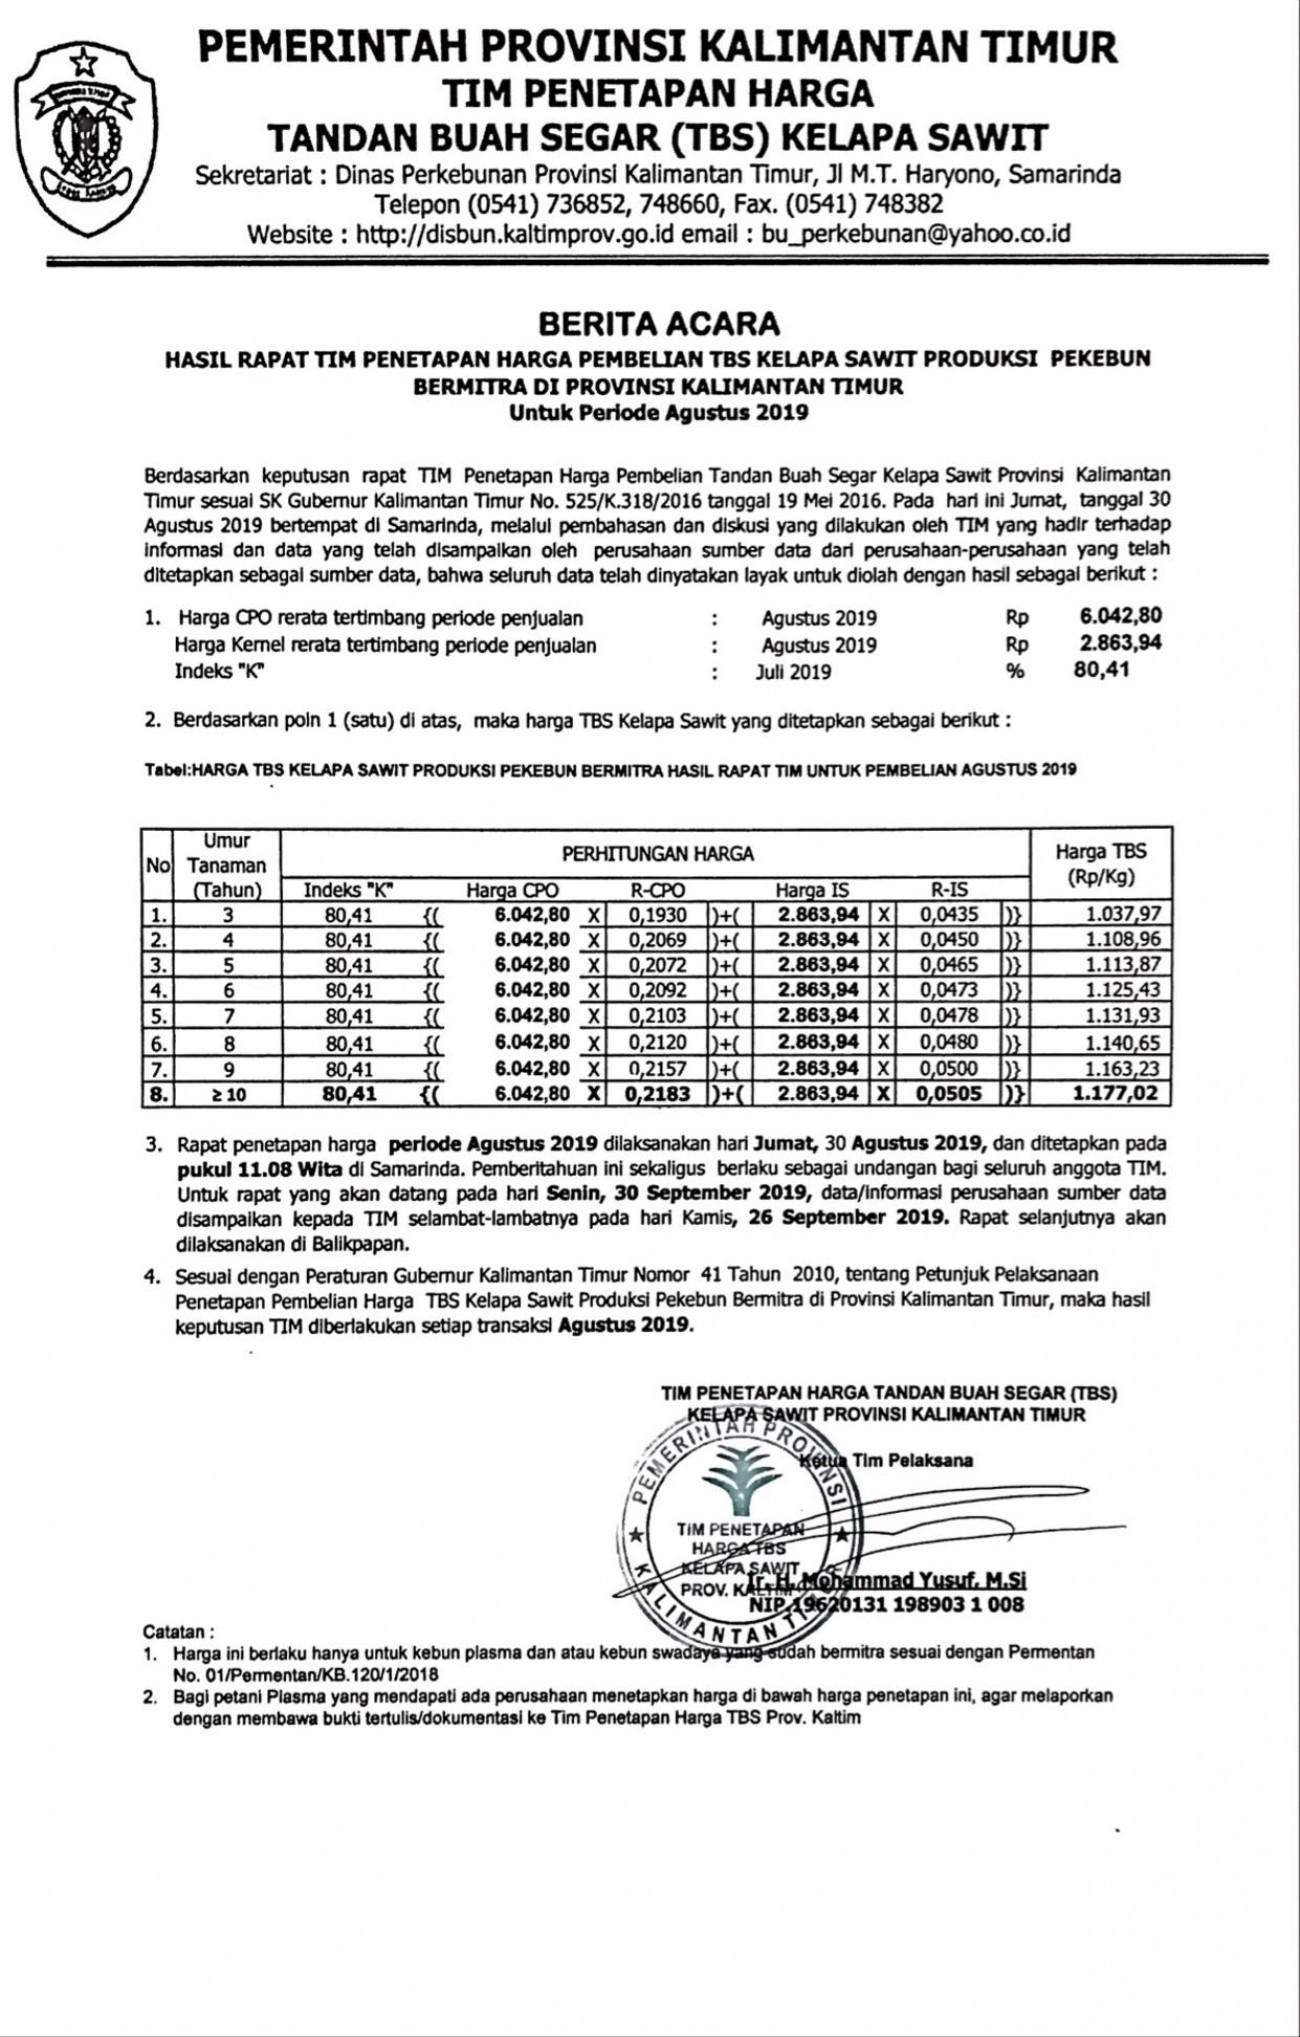 Informasi Harga TBS Kelapa Sawit Bagi Pekebun Bermitra Bulan Agustus 2019